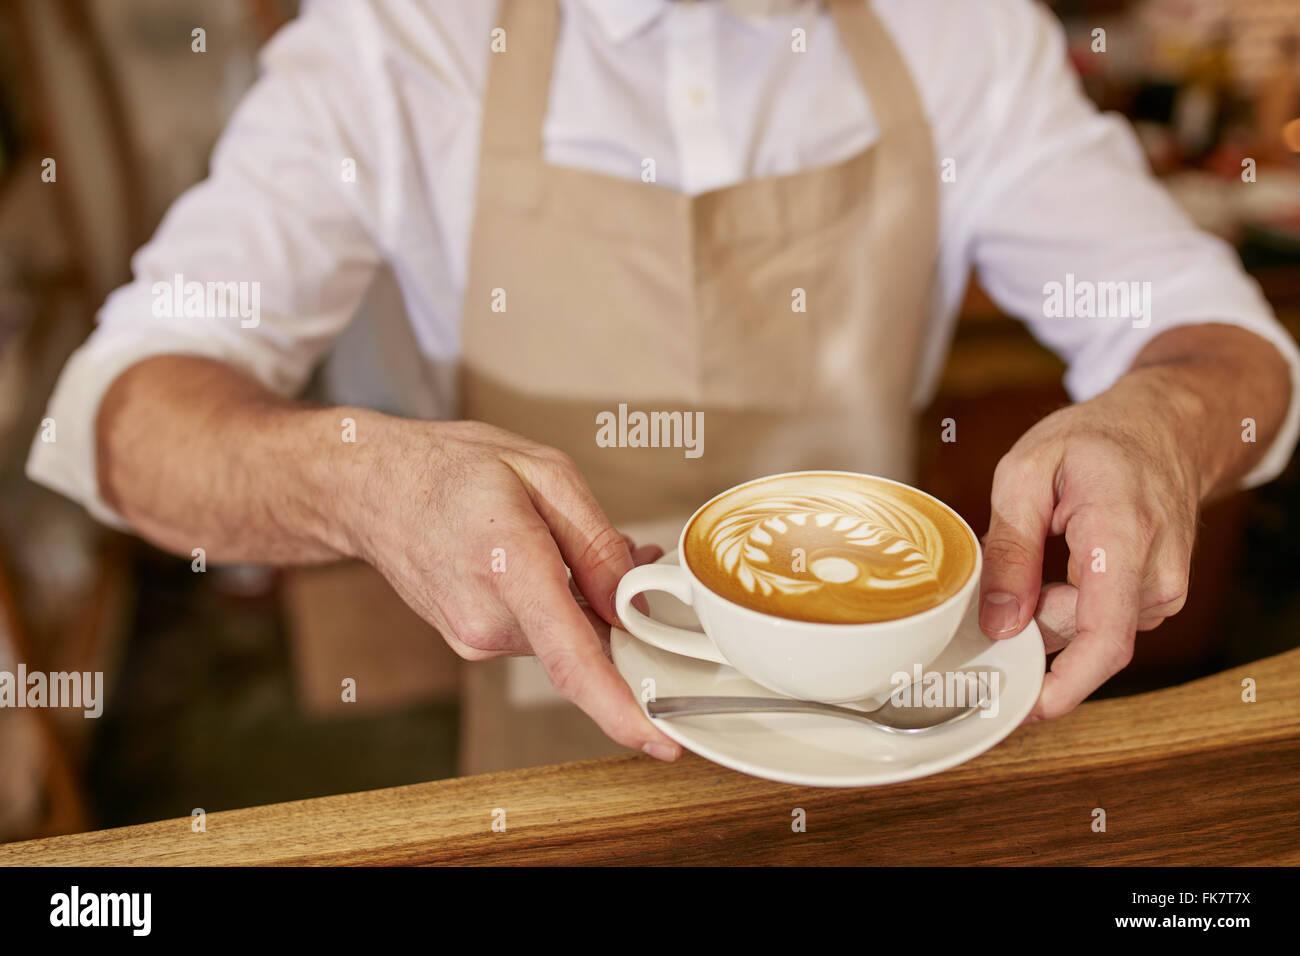 Close-up di uomo in grembiule che serve caffè permanente, mentre in coffee shop. Barista dandovi una tazza Immagini Stock